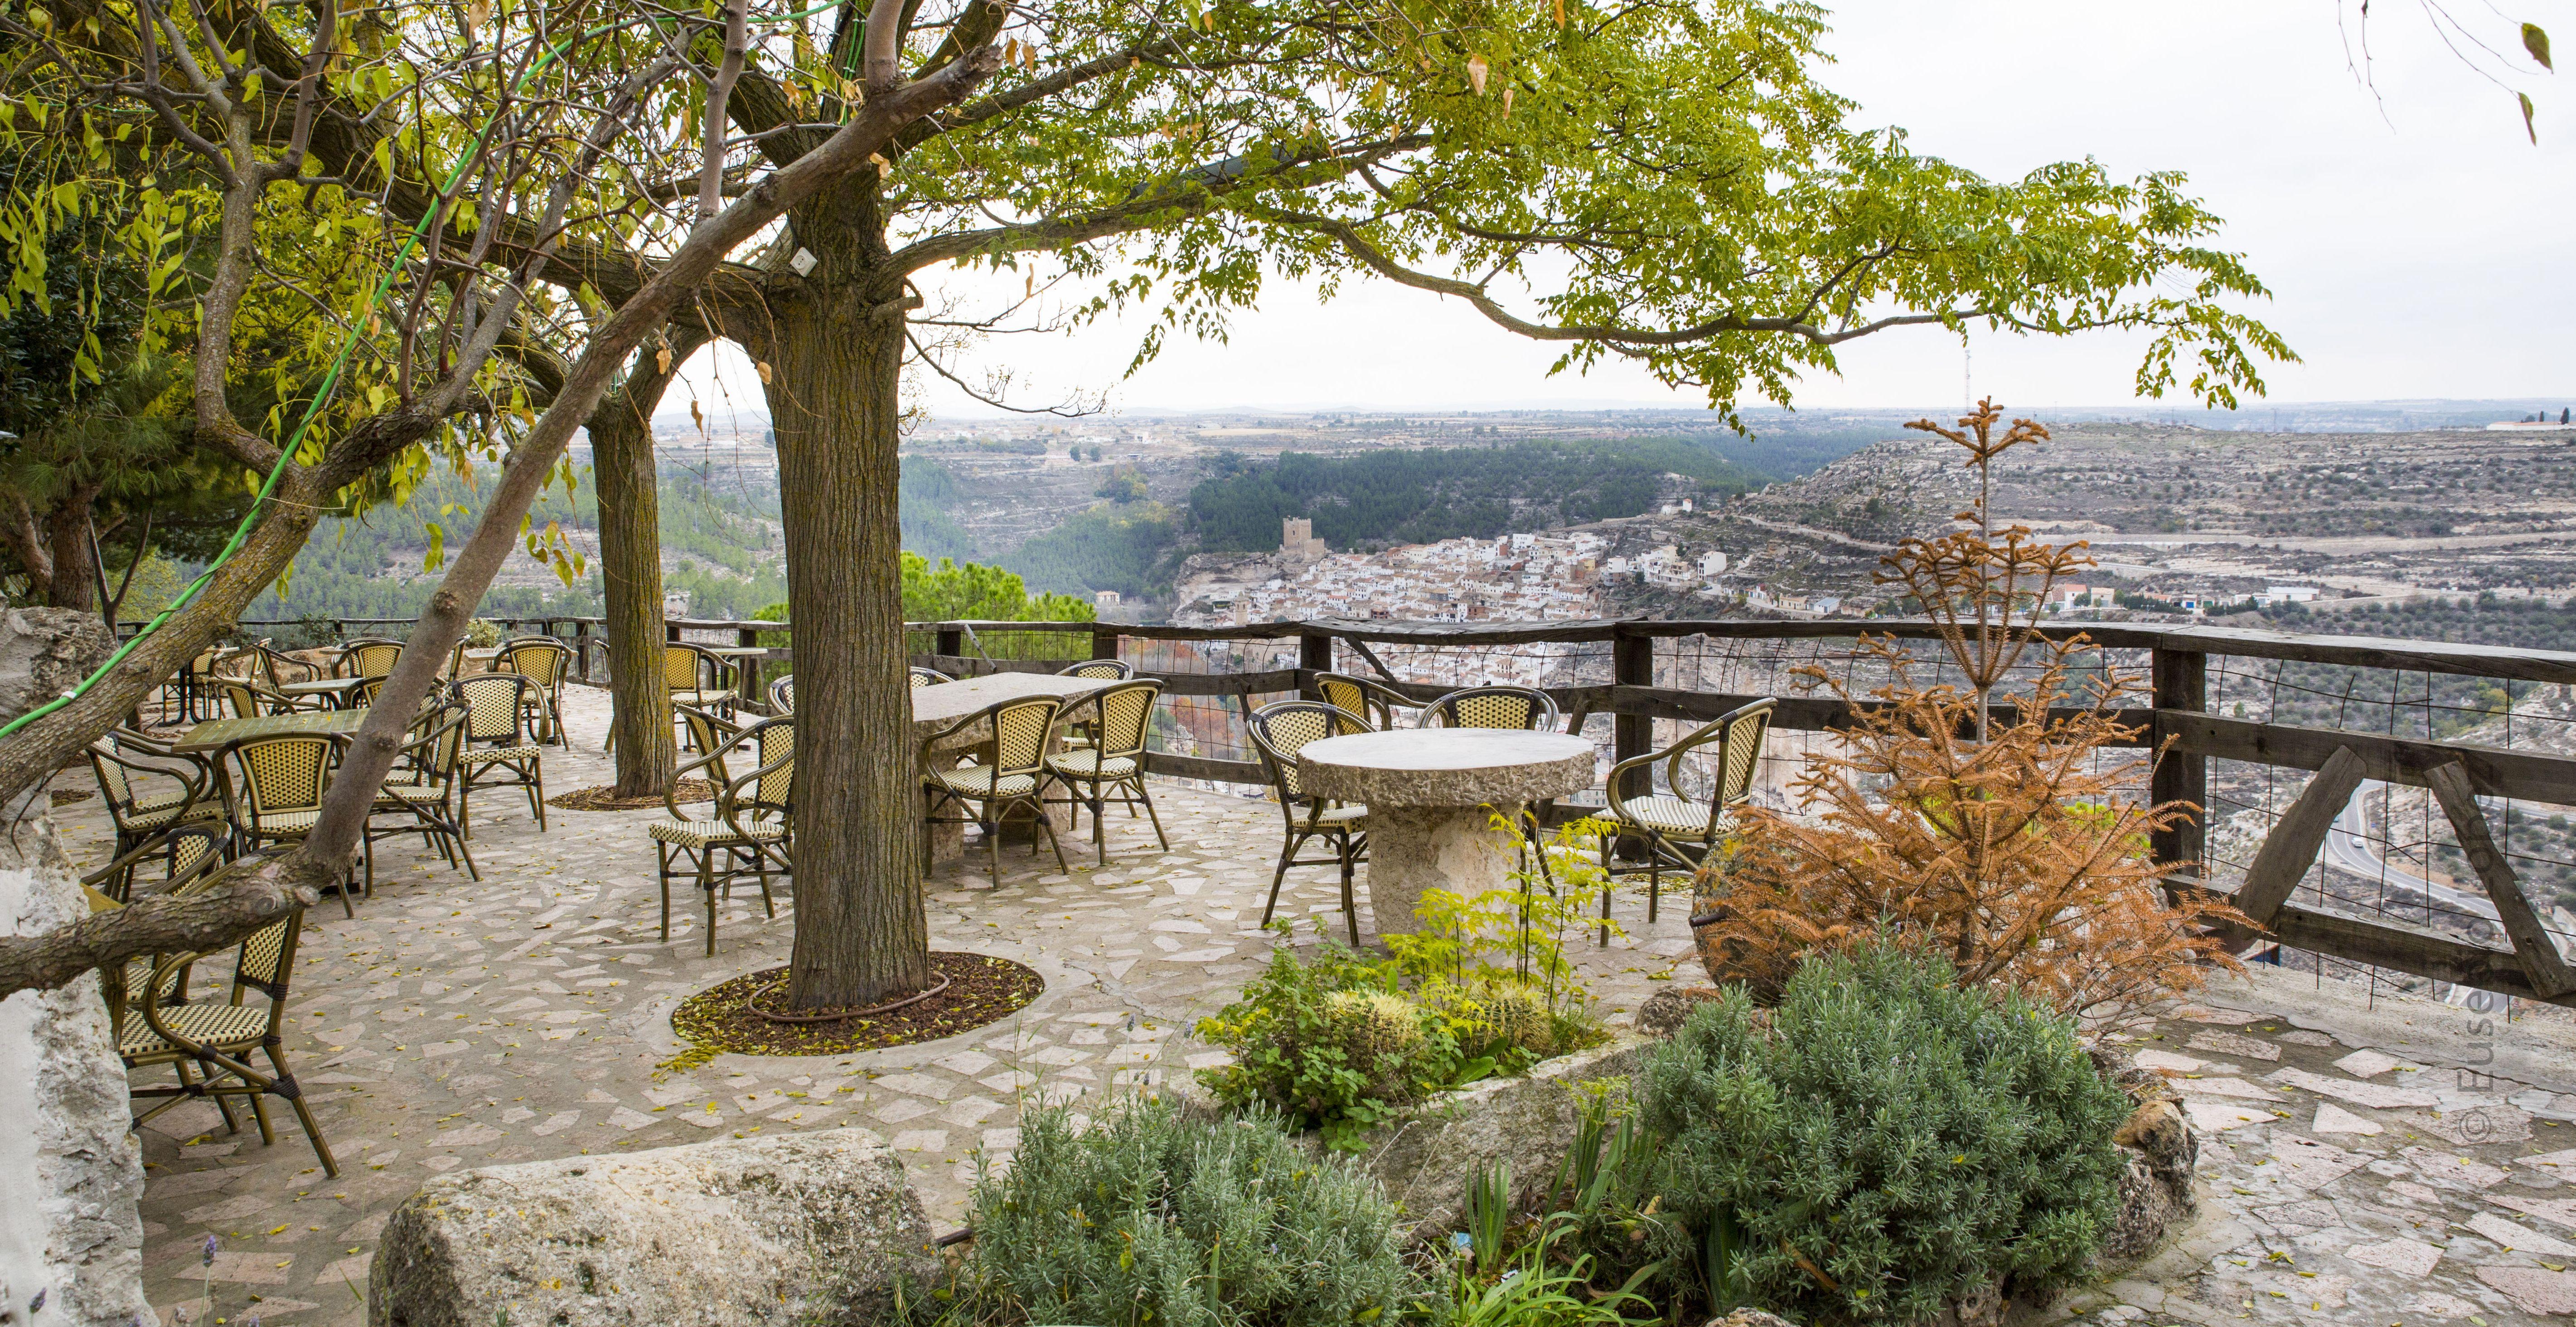 Mirador del restaurante con amplias vistas